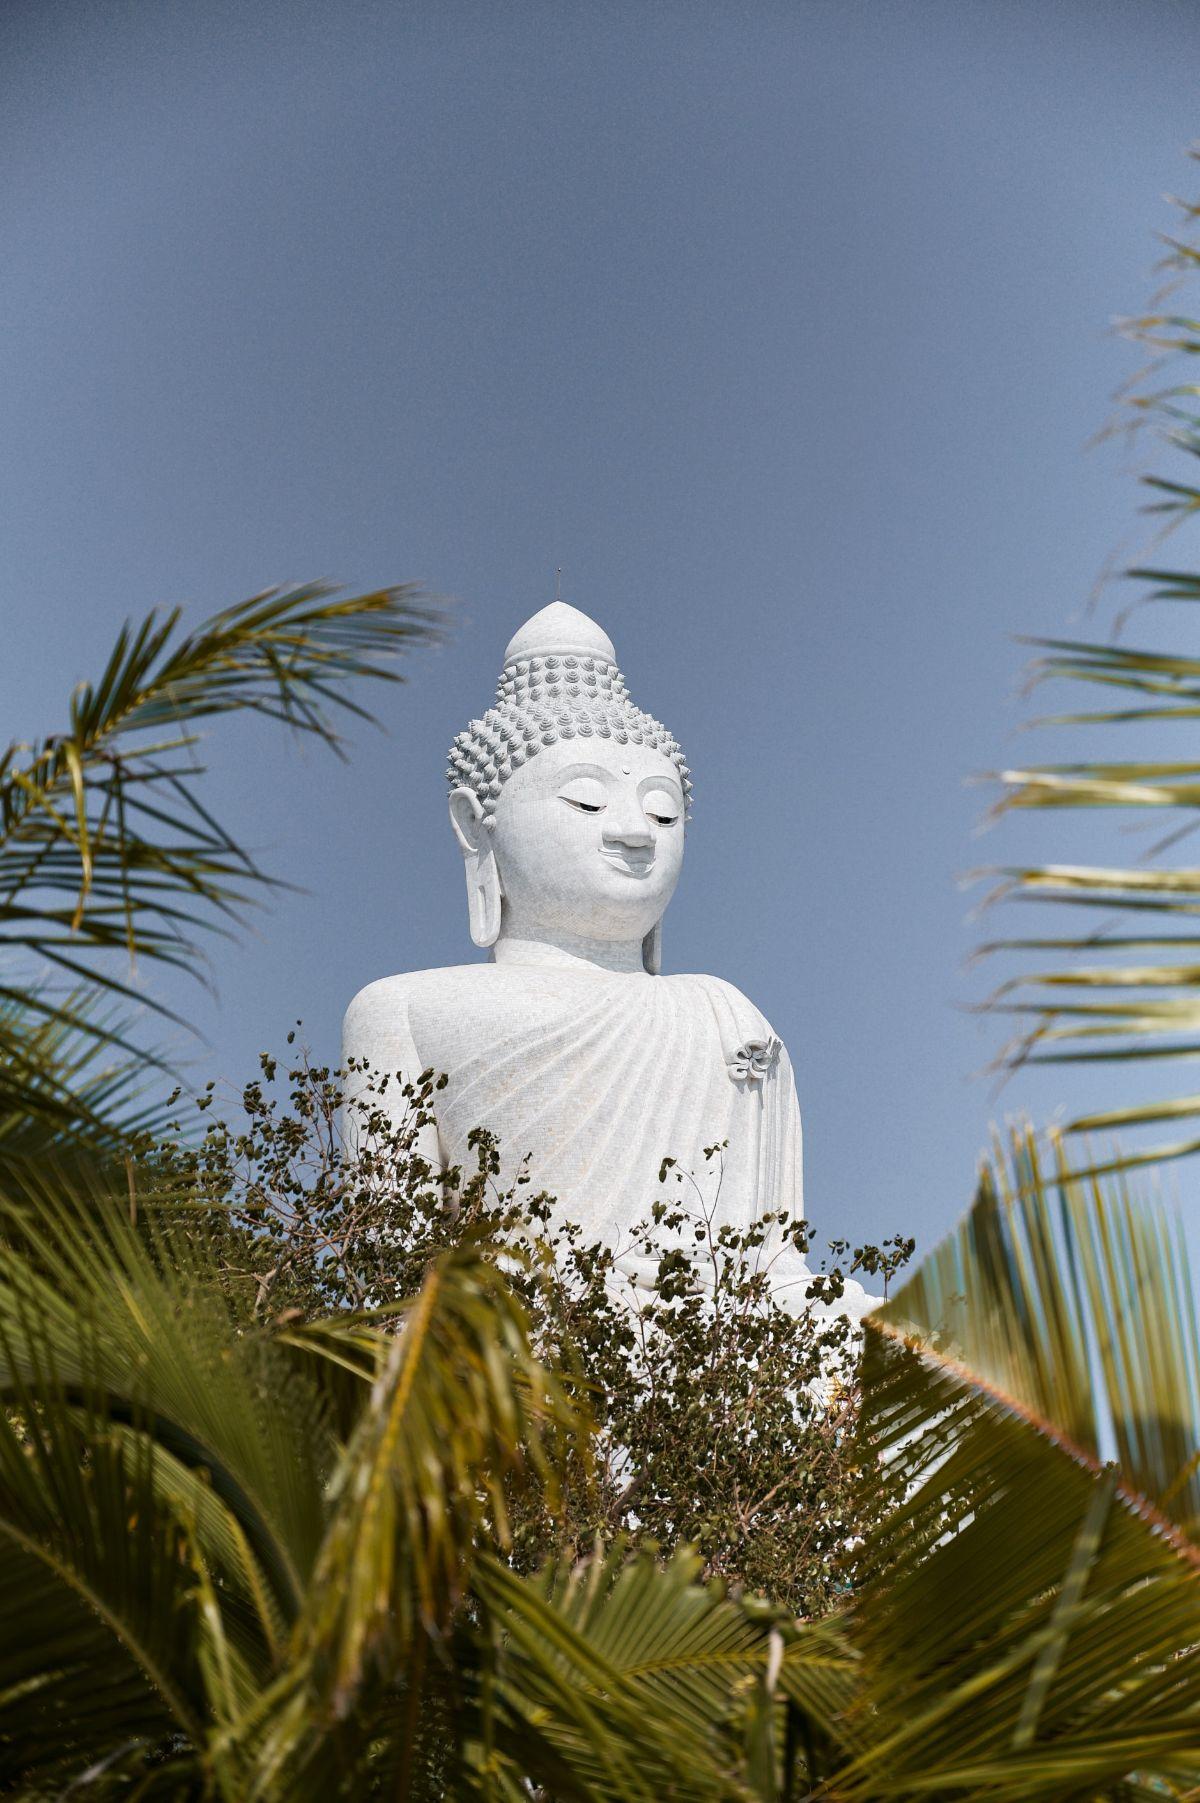 صور بوكيت، صور سفر، أفضل المعالم السياحية في بوكيت، تمثال بوذا العملاق